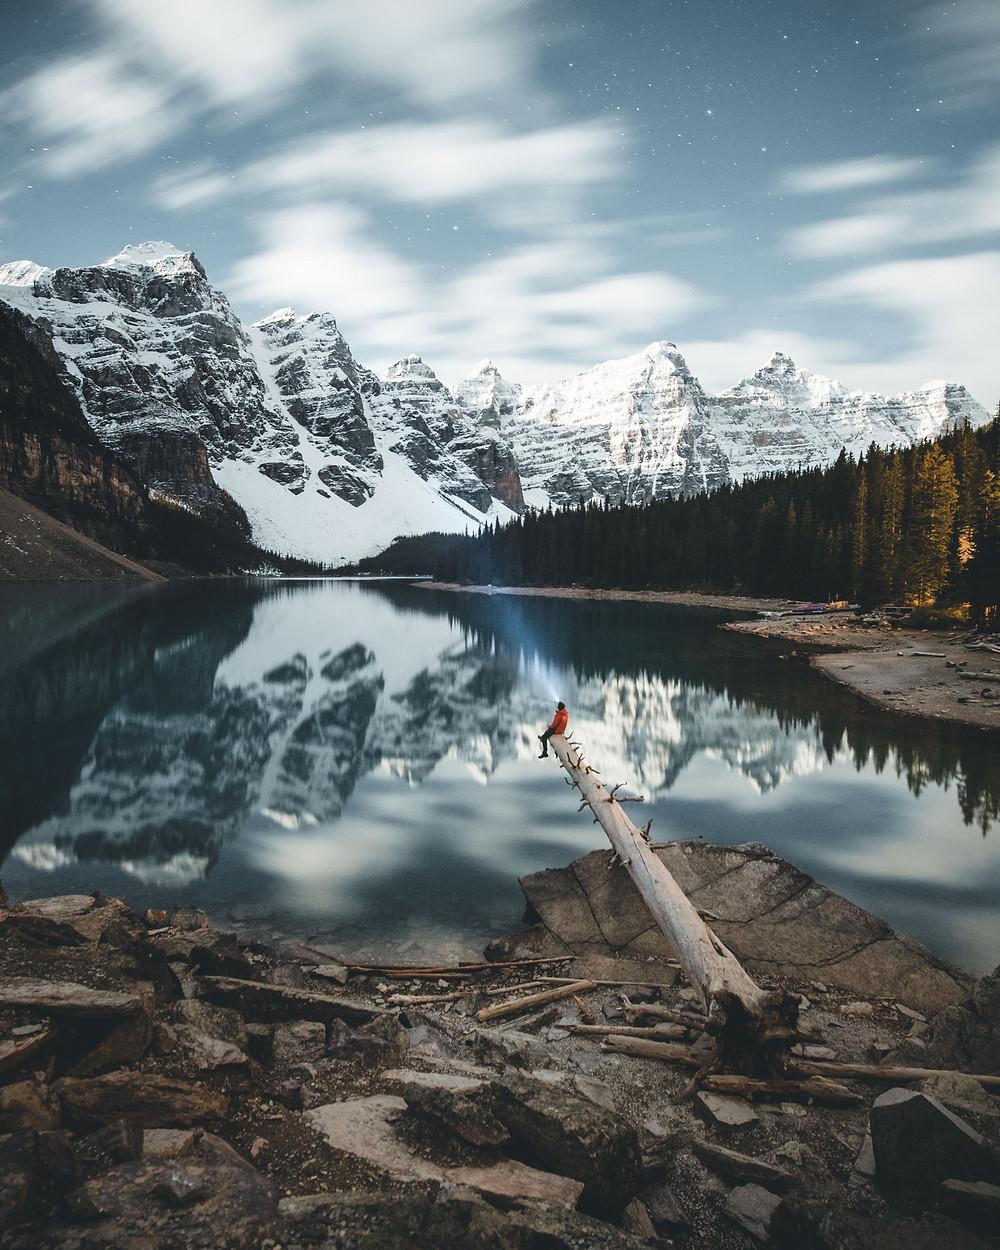 Moraine Lake, Canada, Kanada, Route, Photography, Fotografie, Reisen